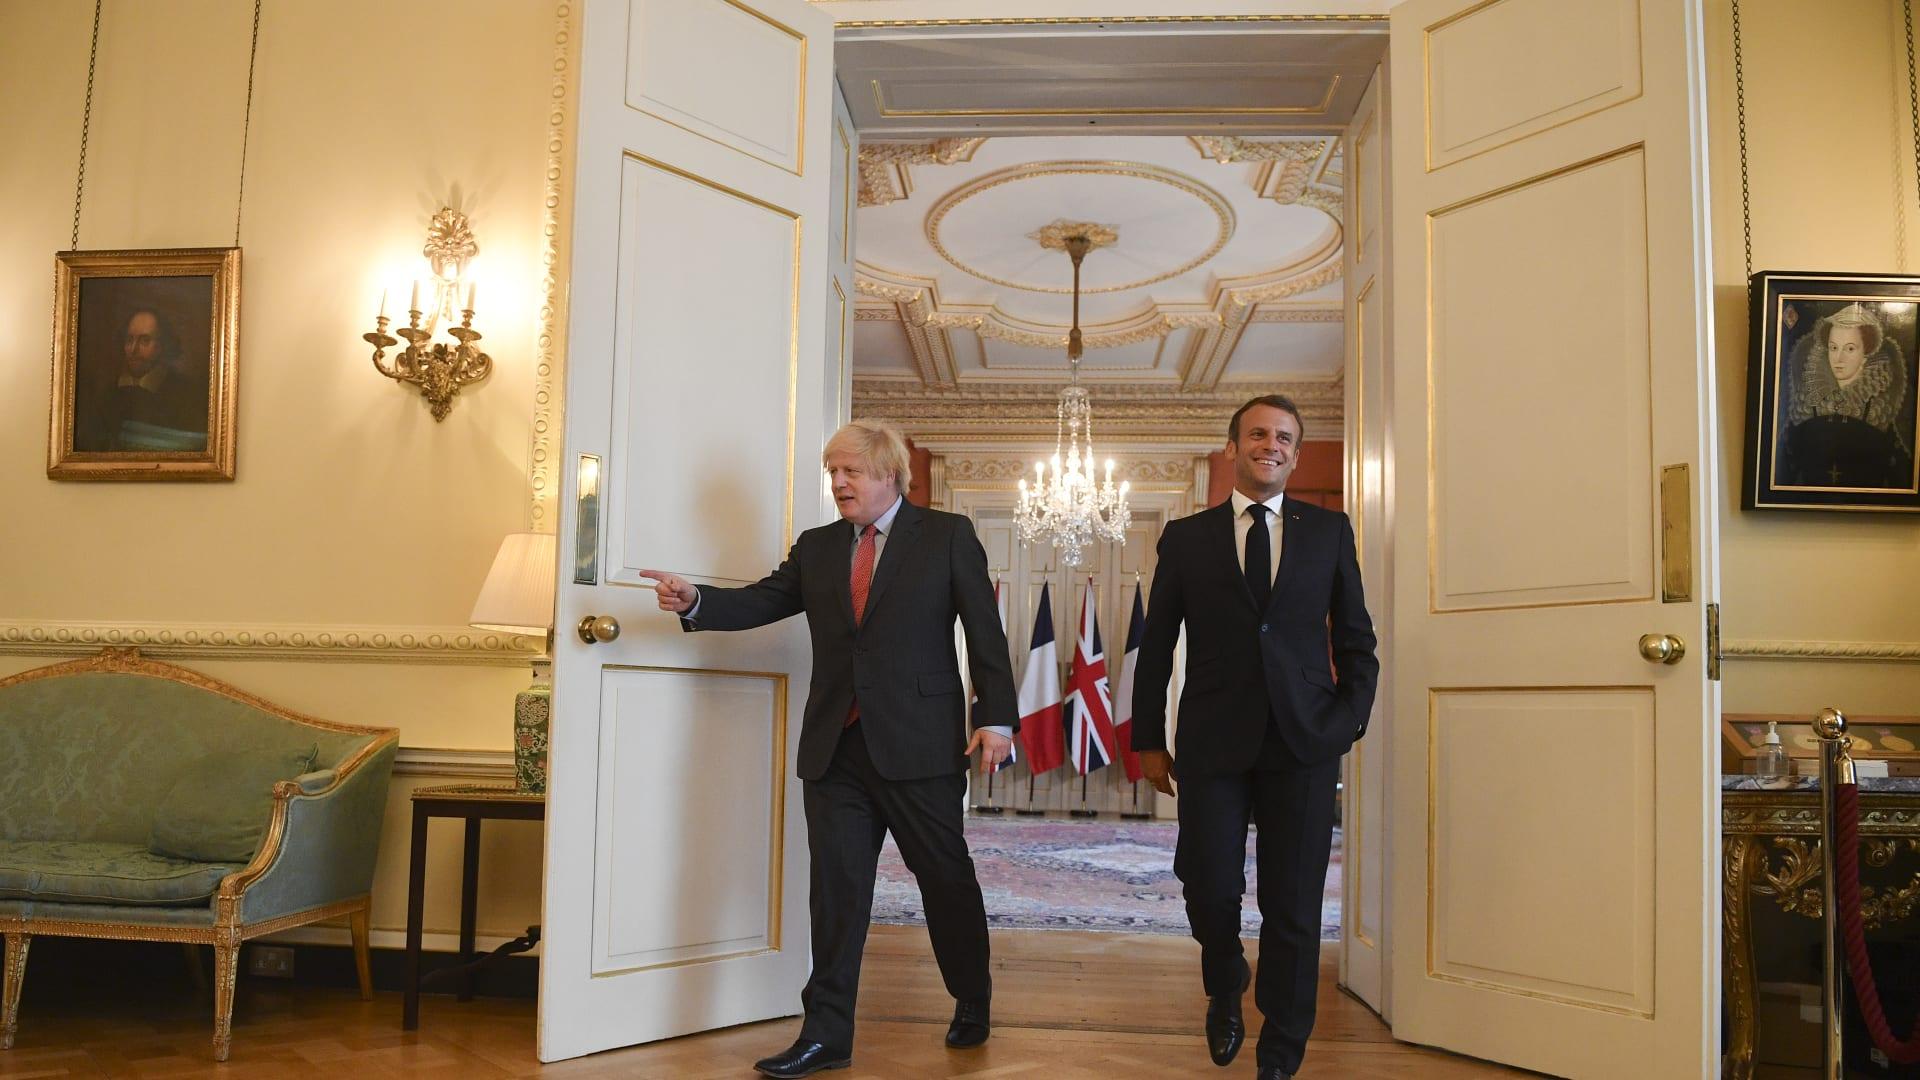 صورة أرشيفية تجمع  رئيس الوزراء البريطاني بوريس جونسون والرئيس الفرنسي إيمانويل ماكرون في مقر الحكومة البريطانية - 18 يونيو 2020